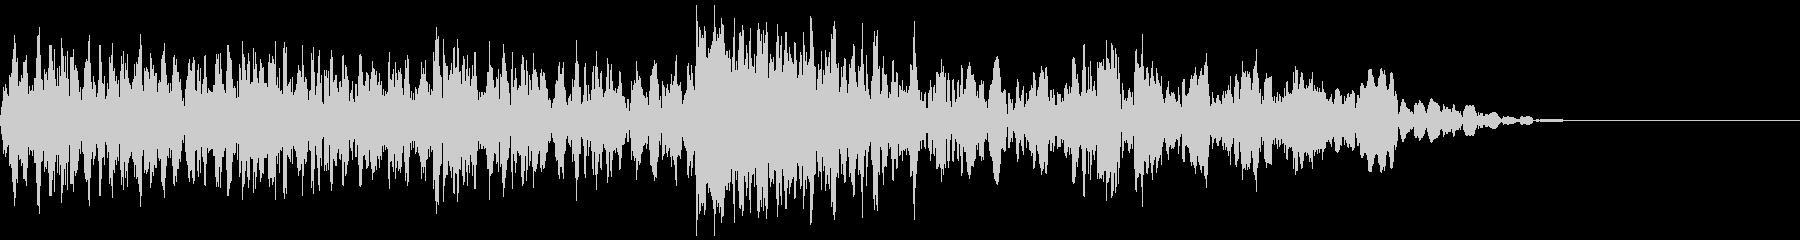 ギューン:テープストップの音(長)の未再生の波形